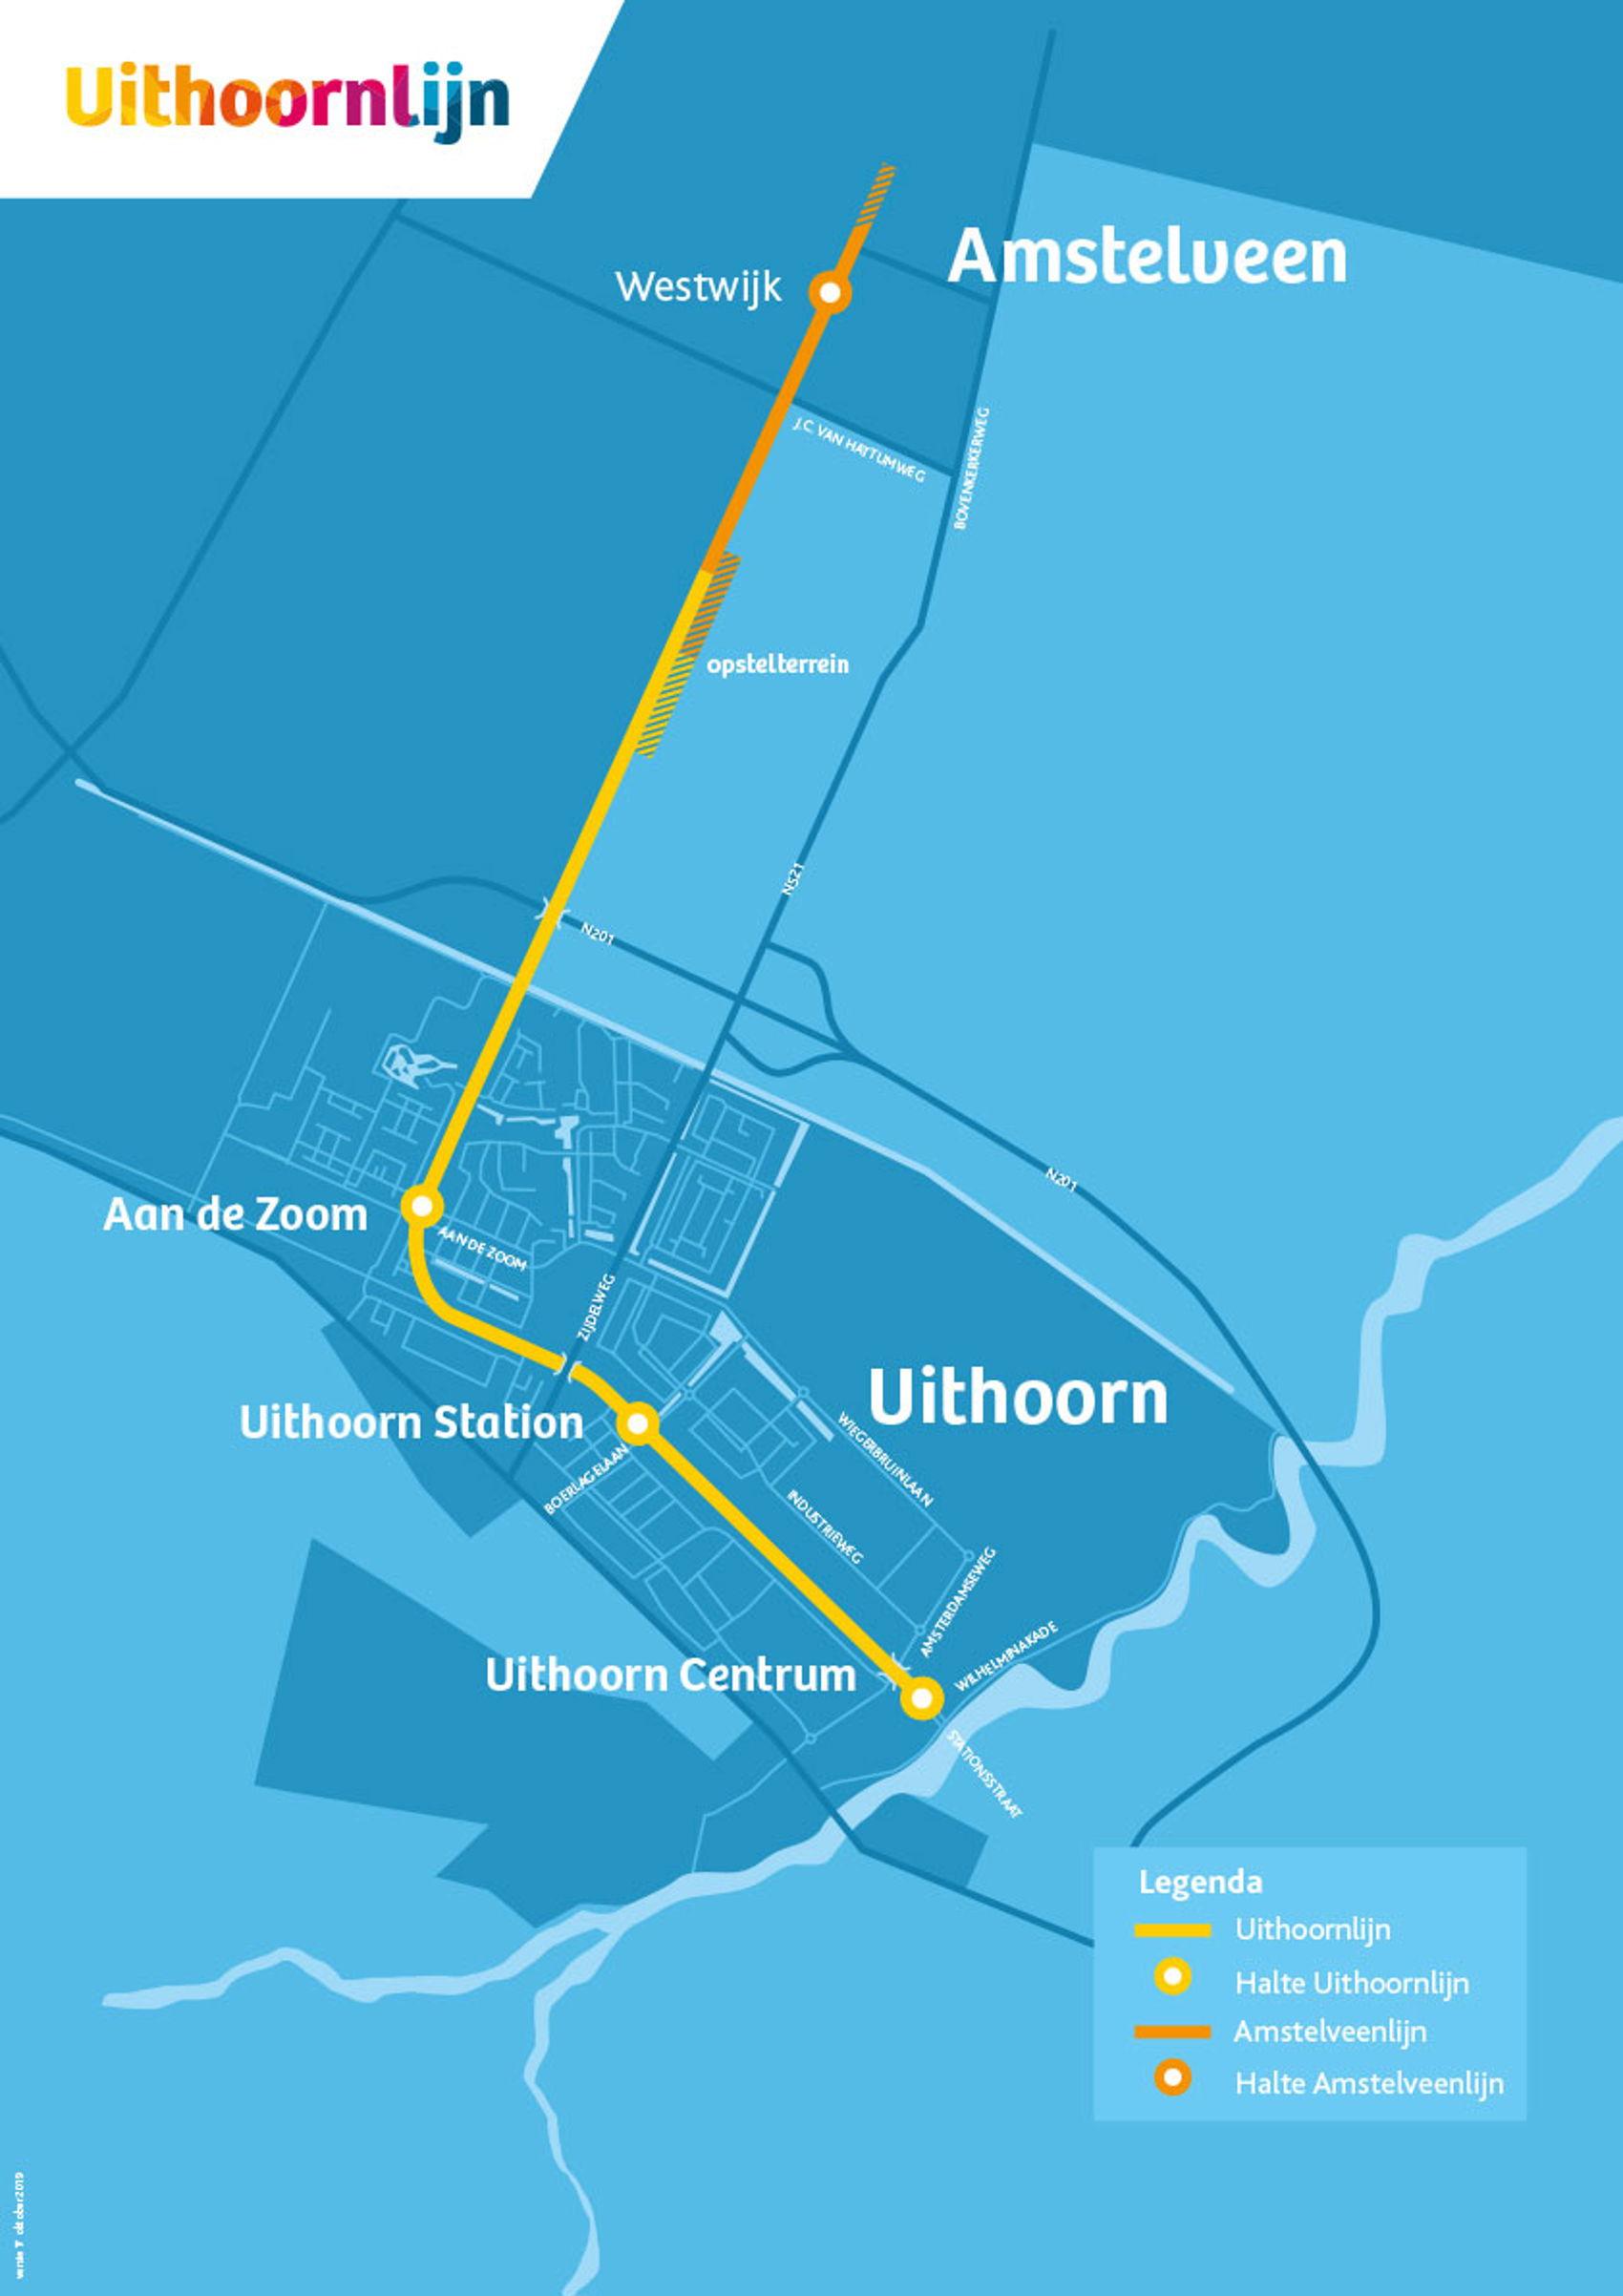 Het tracé van de Uithoornlijn, vanaf Amstelveen Westwijk tot Uithoorn Centrum.